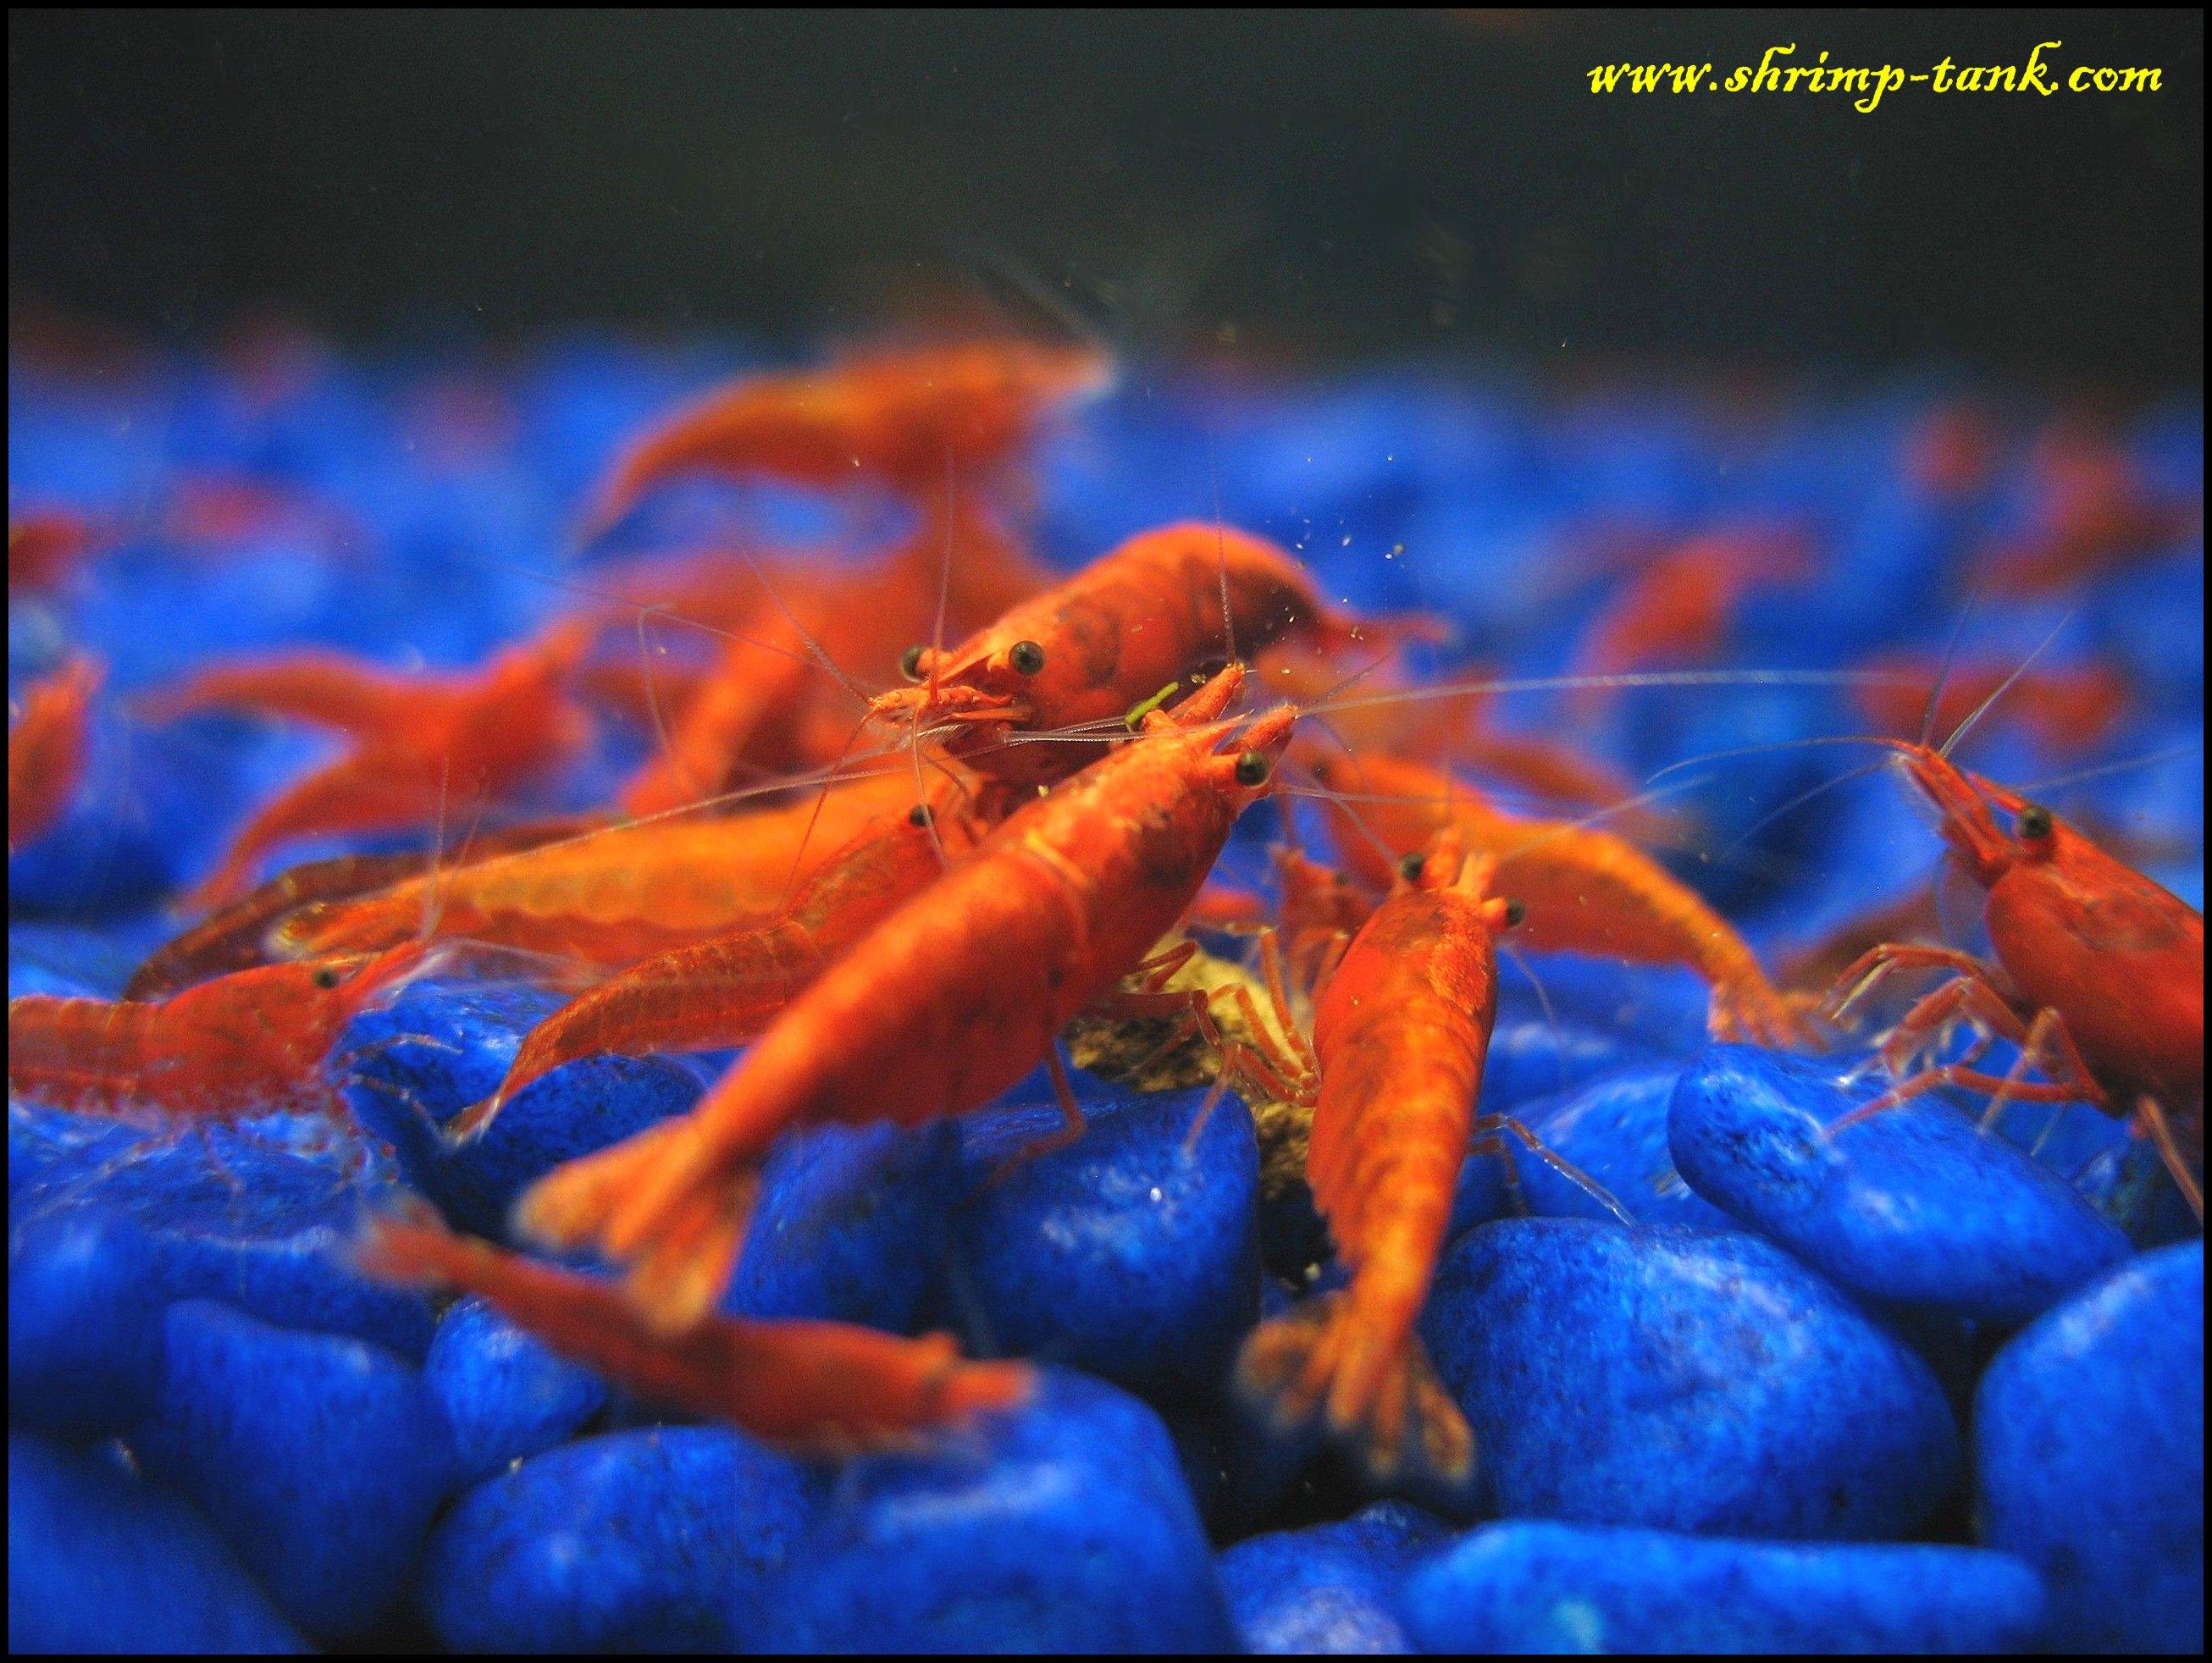 Painted Fire Red shrimps photos @ Shrimp Tank